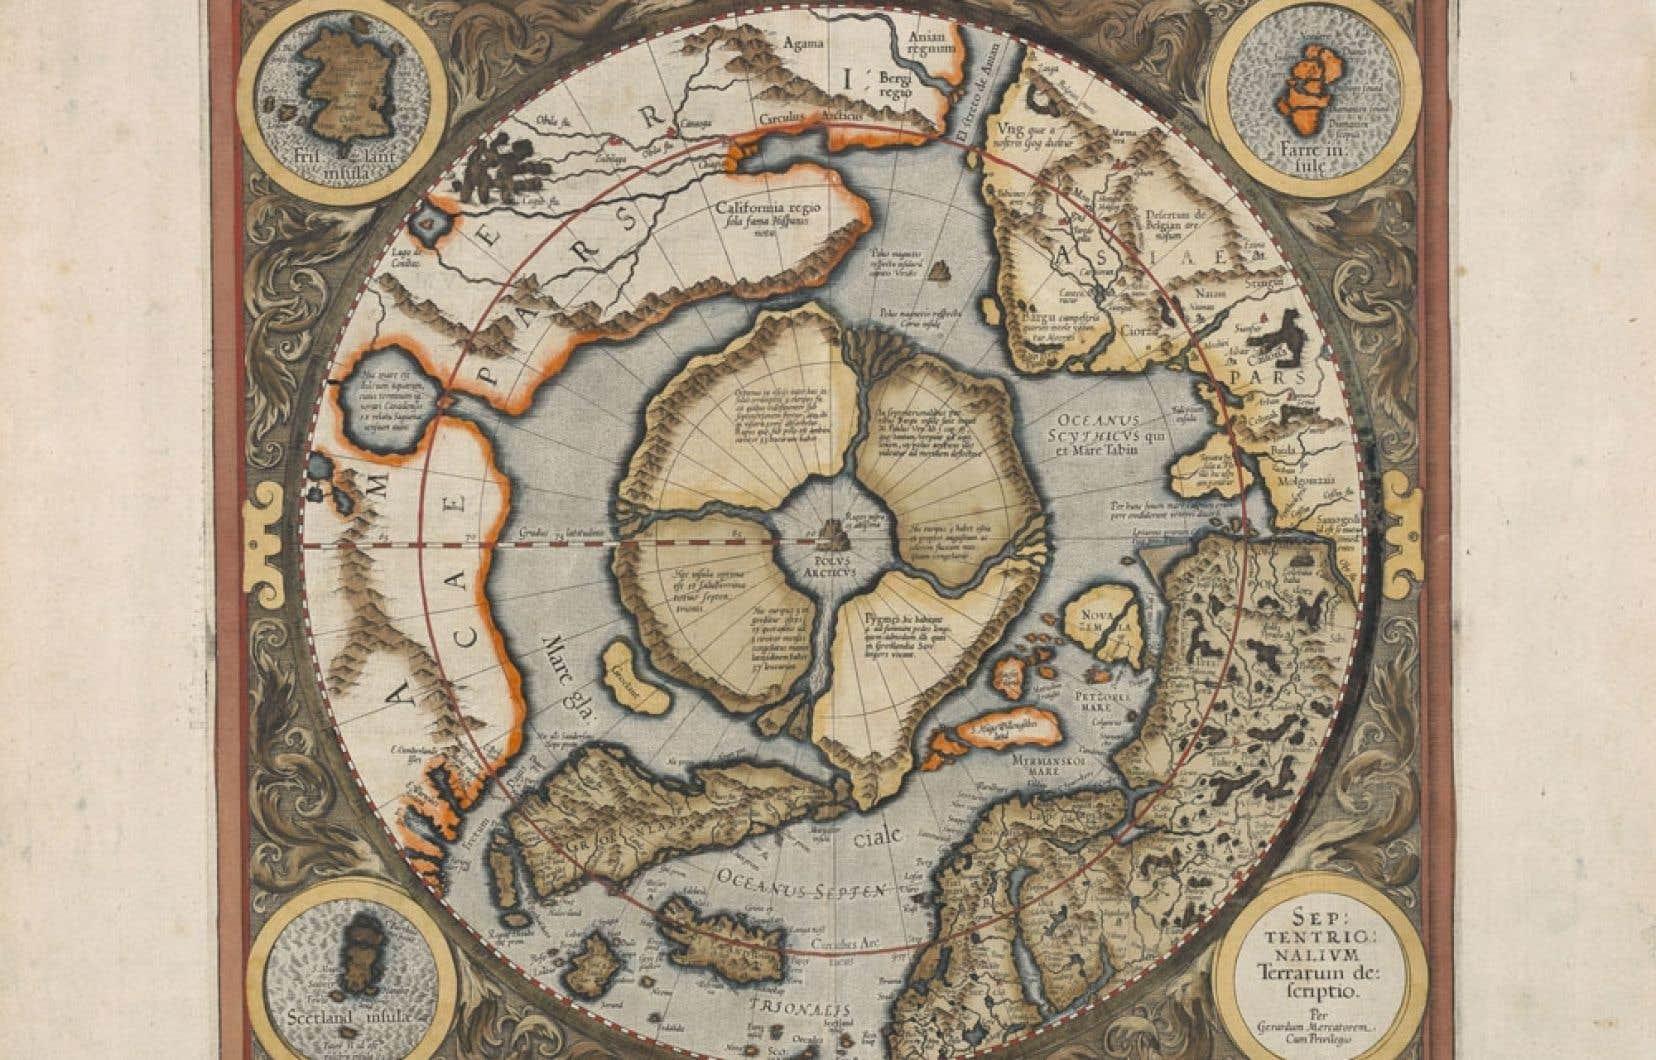 La carte Septentrionalium Terrarum descriptio (1595) de Gérard Mercator illustrant le pôle Nord, représenté par un rocher entouré d'eau, puis une surface en dur qui devait figurer non pas une terre ferme, mais une immense plaque de glaces flottantes, et enfin deux grands espaces d'eau libre en forme de croissant, qui expriment probablement la possibilité ou même l'espoir d'un passage du Nord-Ouest et d'un passage du Nord-Est.